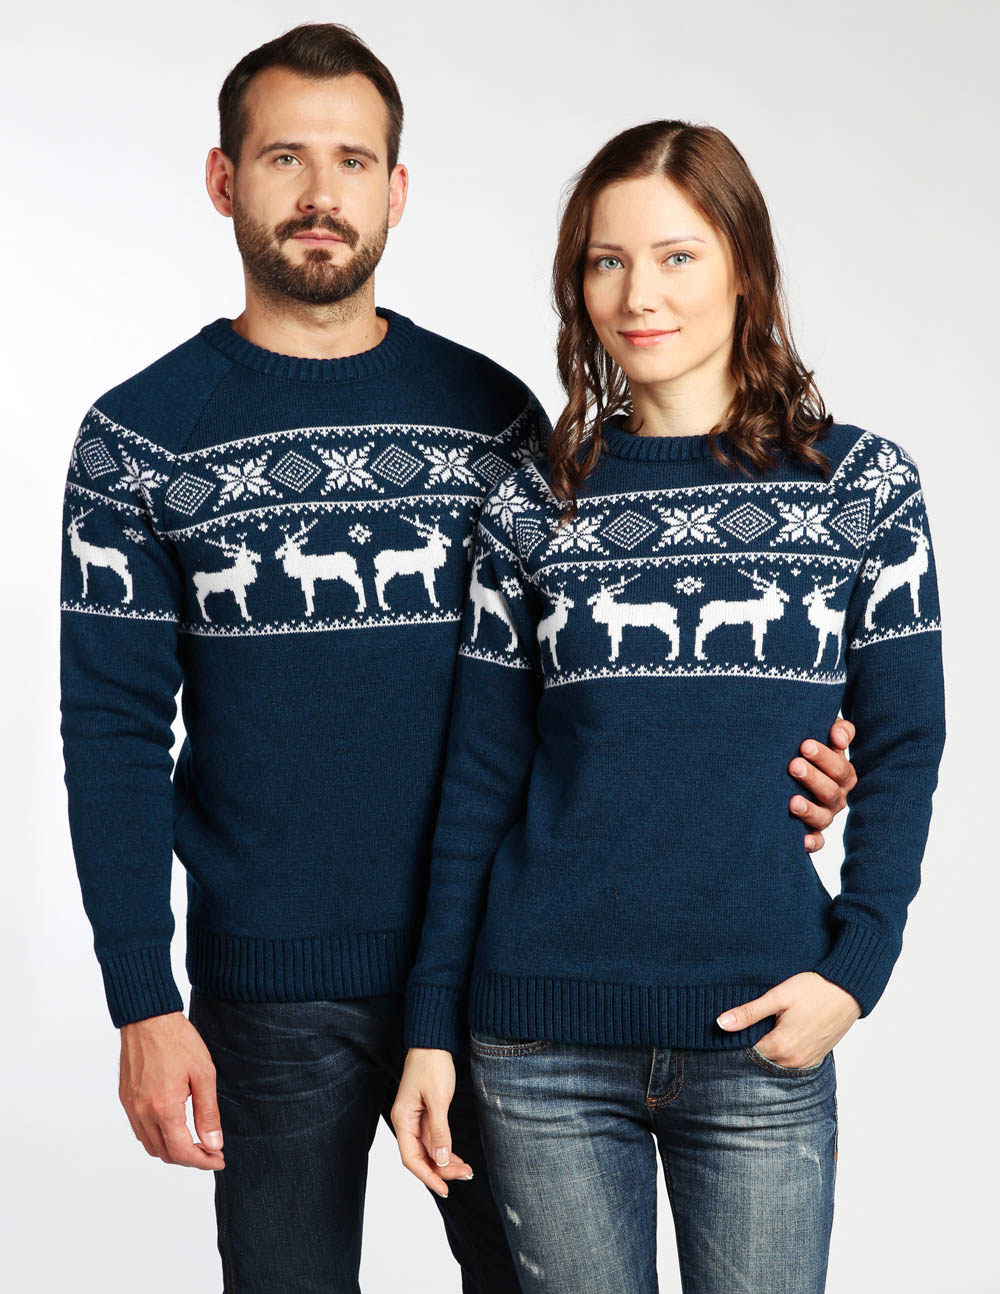 Новогодние свитера для двоих фото